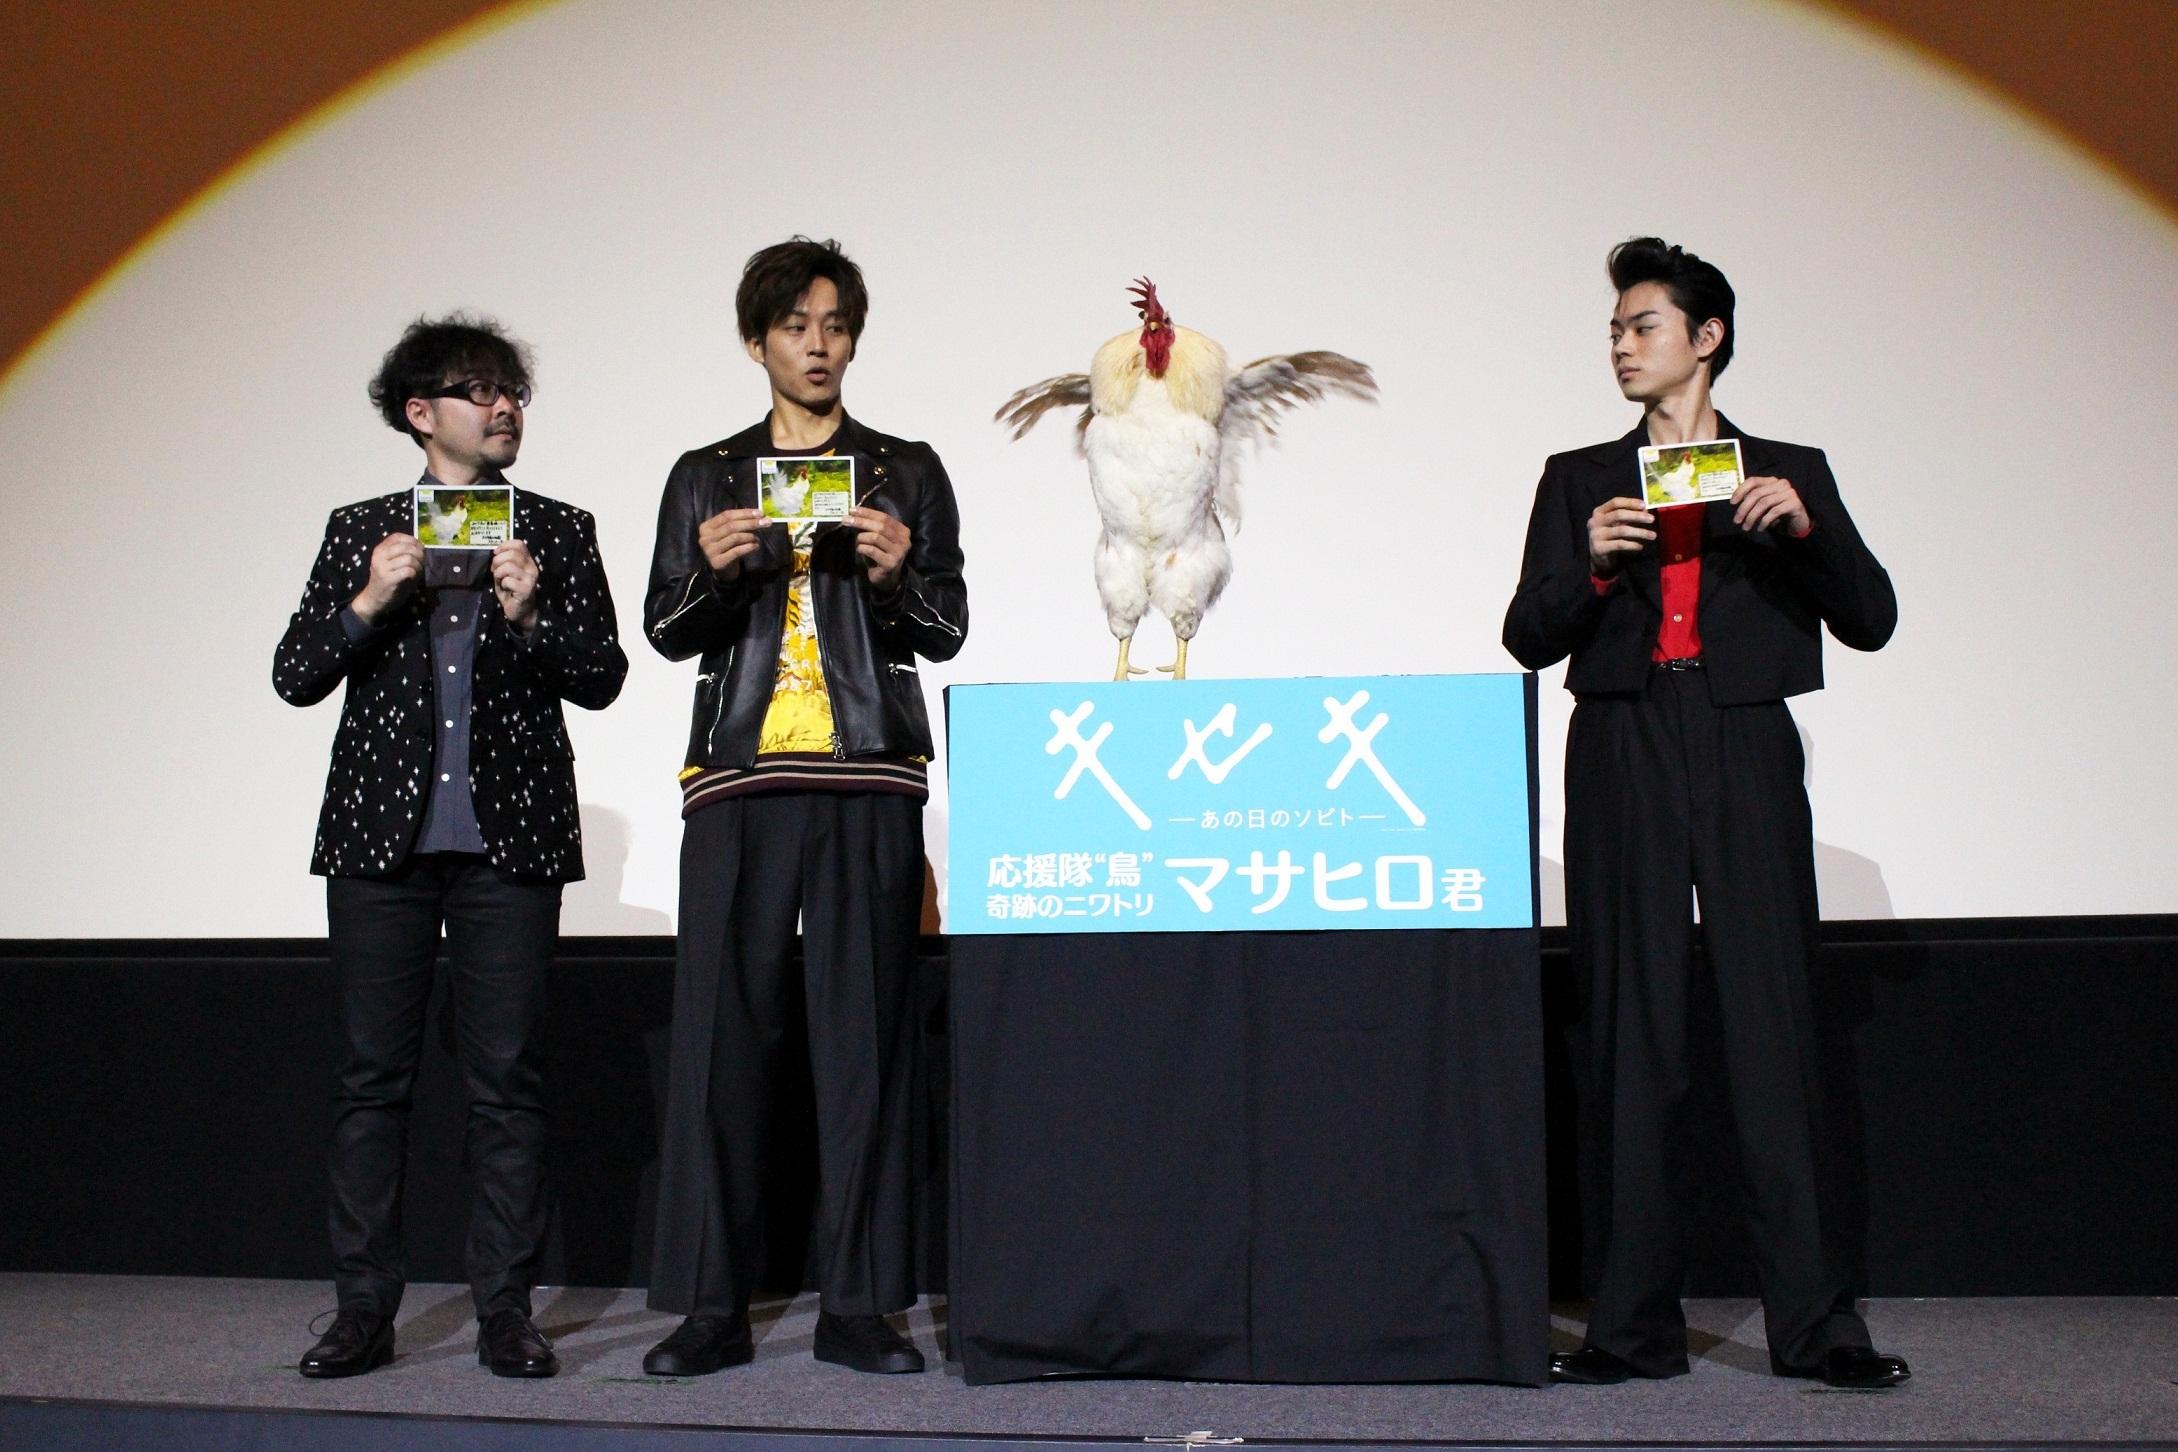 左から兼重淳監督、松坂桃李、マサヒロくん、菅田将暉